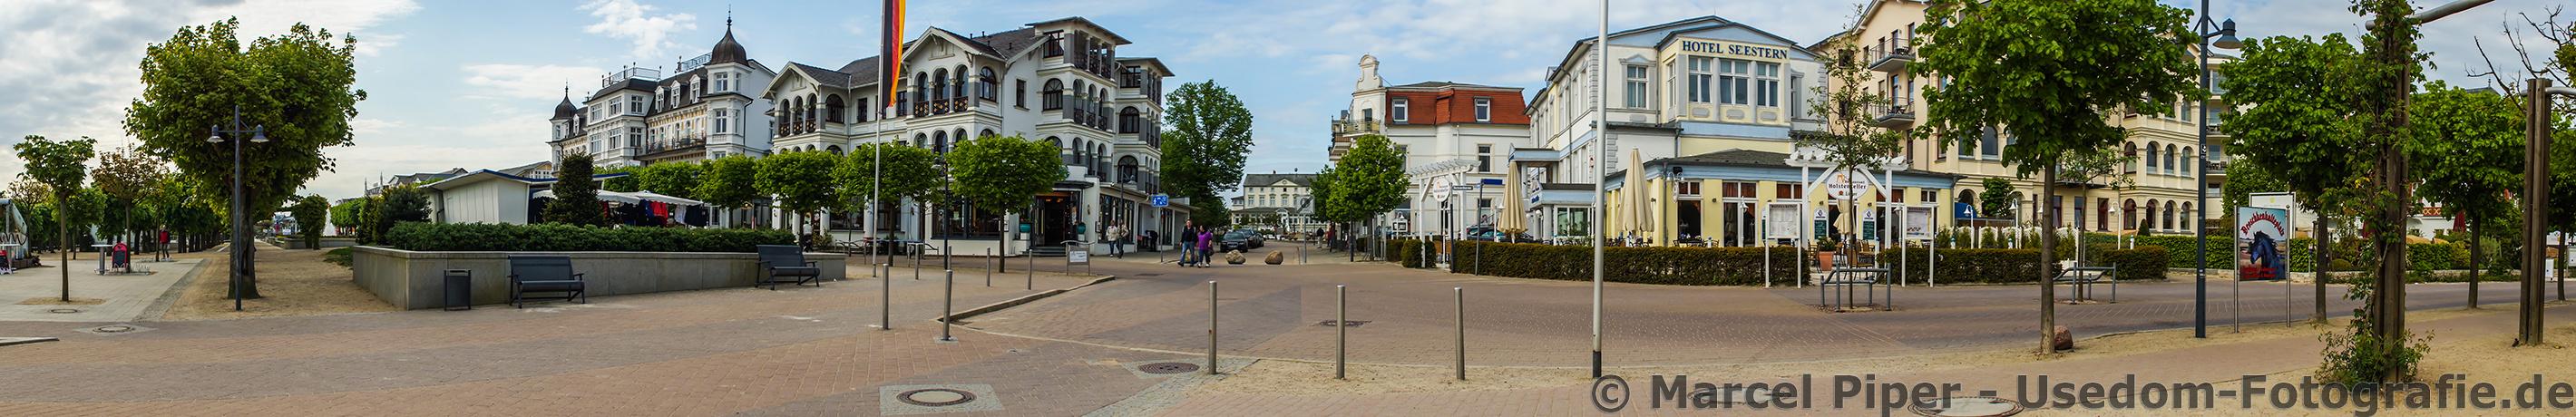 Panorama Vorplatz vom Rialto in Ahlbeck